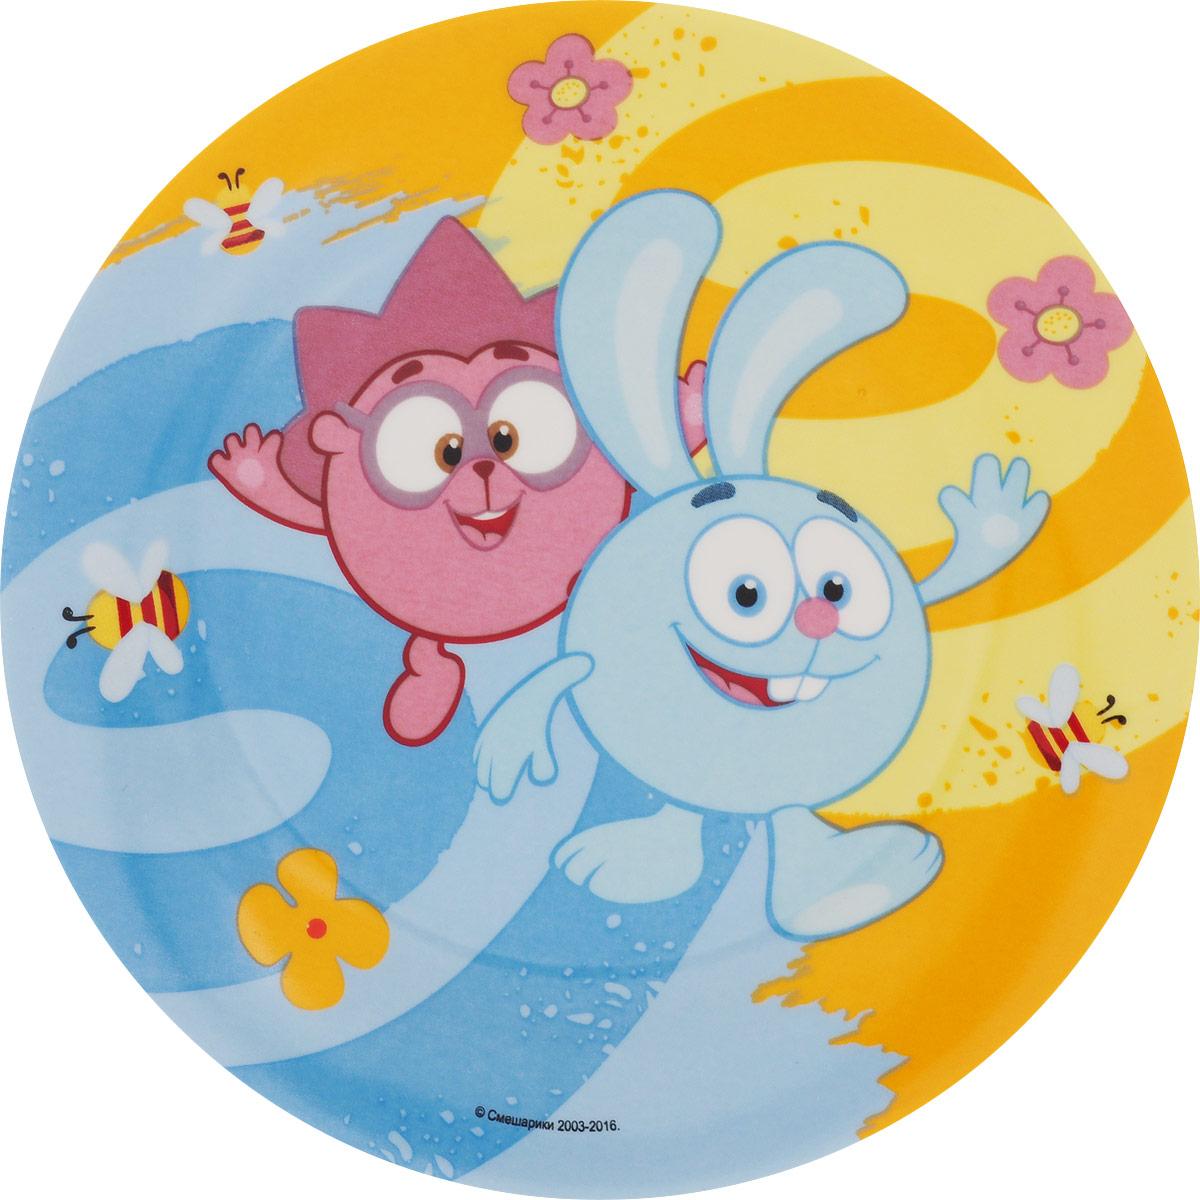 Смешарики Тарелка детская Друзья диаметр 19 смSMP190-2Детская тарелка Смешарики Друзья идеально подойдет для кормления малыша и самостоятельного приема пищи. Тарелка выполнена из керамики, ее широкие бортики обеспечат удобство кормления и предотвратят случайное проливание жидкой пищи. Тарелка оформлена яркими изображениями героев мультсериала Смешарики. Она предназначена для горячей и холодной пищи, подходит для мытья в посудомоечной машине и использования в микроволновой печи. Яркая тарелка с любимыми героями порадует малыша и сделает любой прием пищи приятным и веселым.